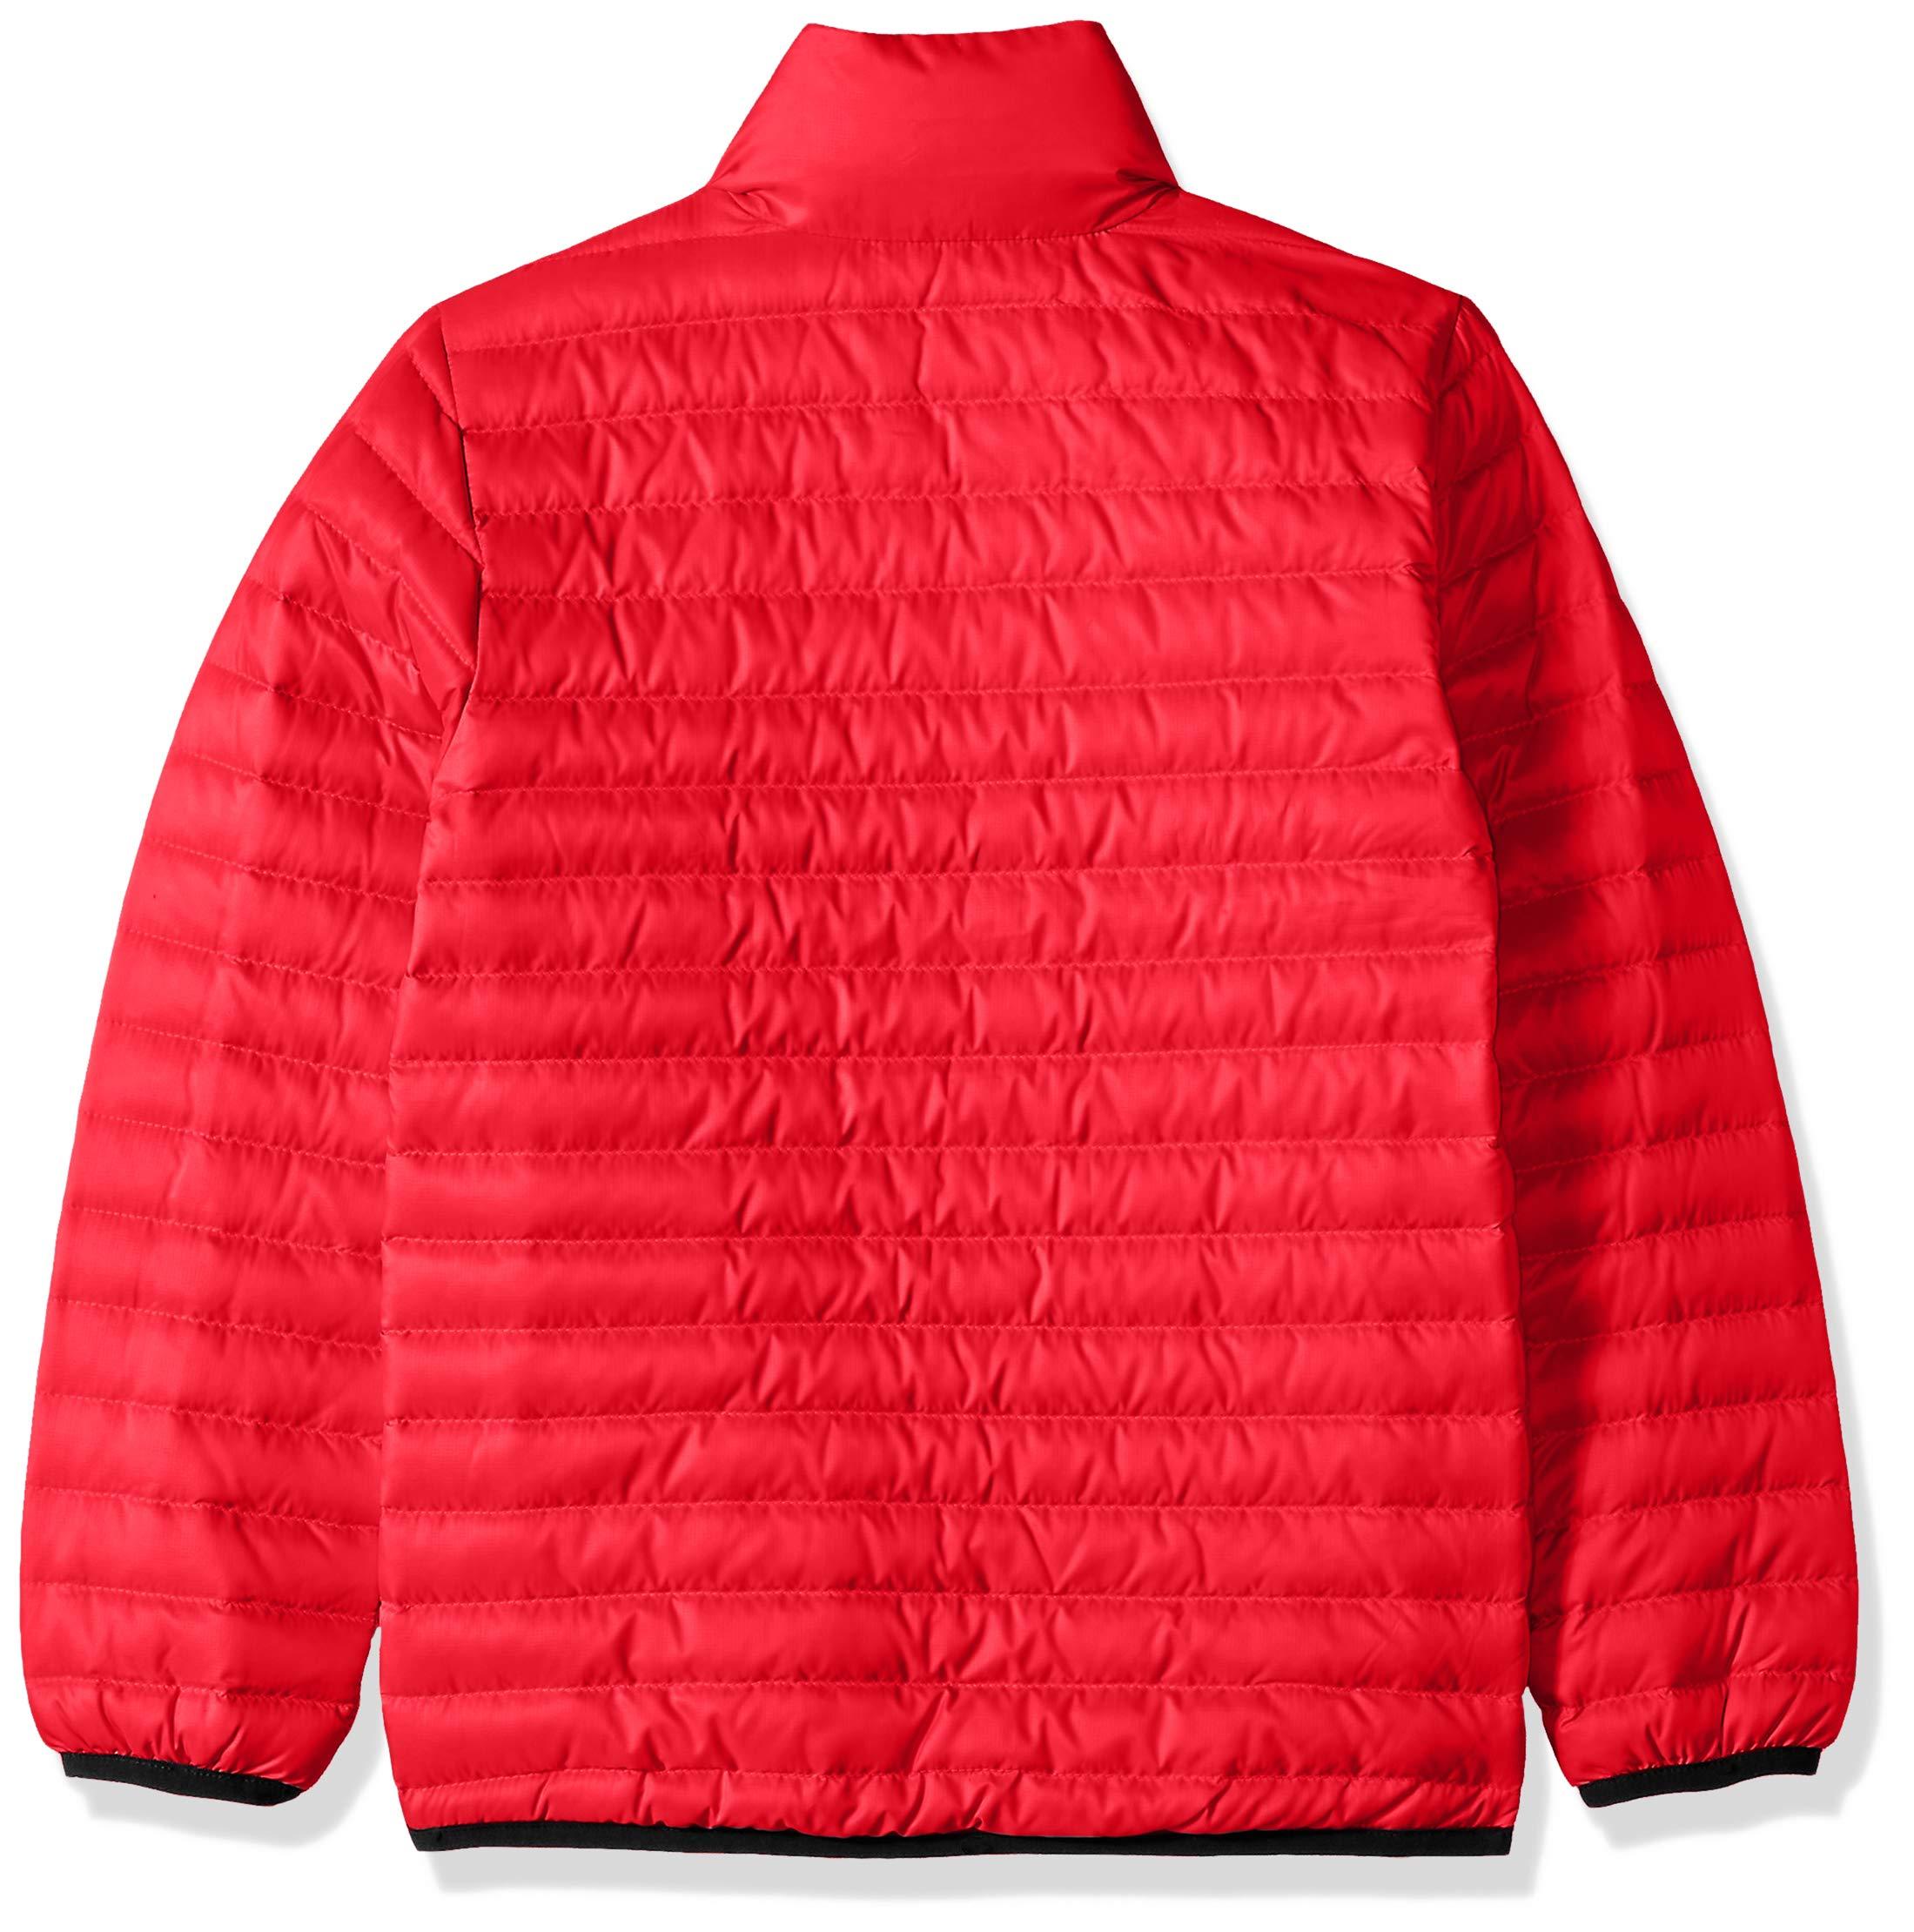 Helly Hansen Jr Barrier Down Insulator Jacket, Goji Berry, Size 12 by Helly Hansen (Image #2)